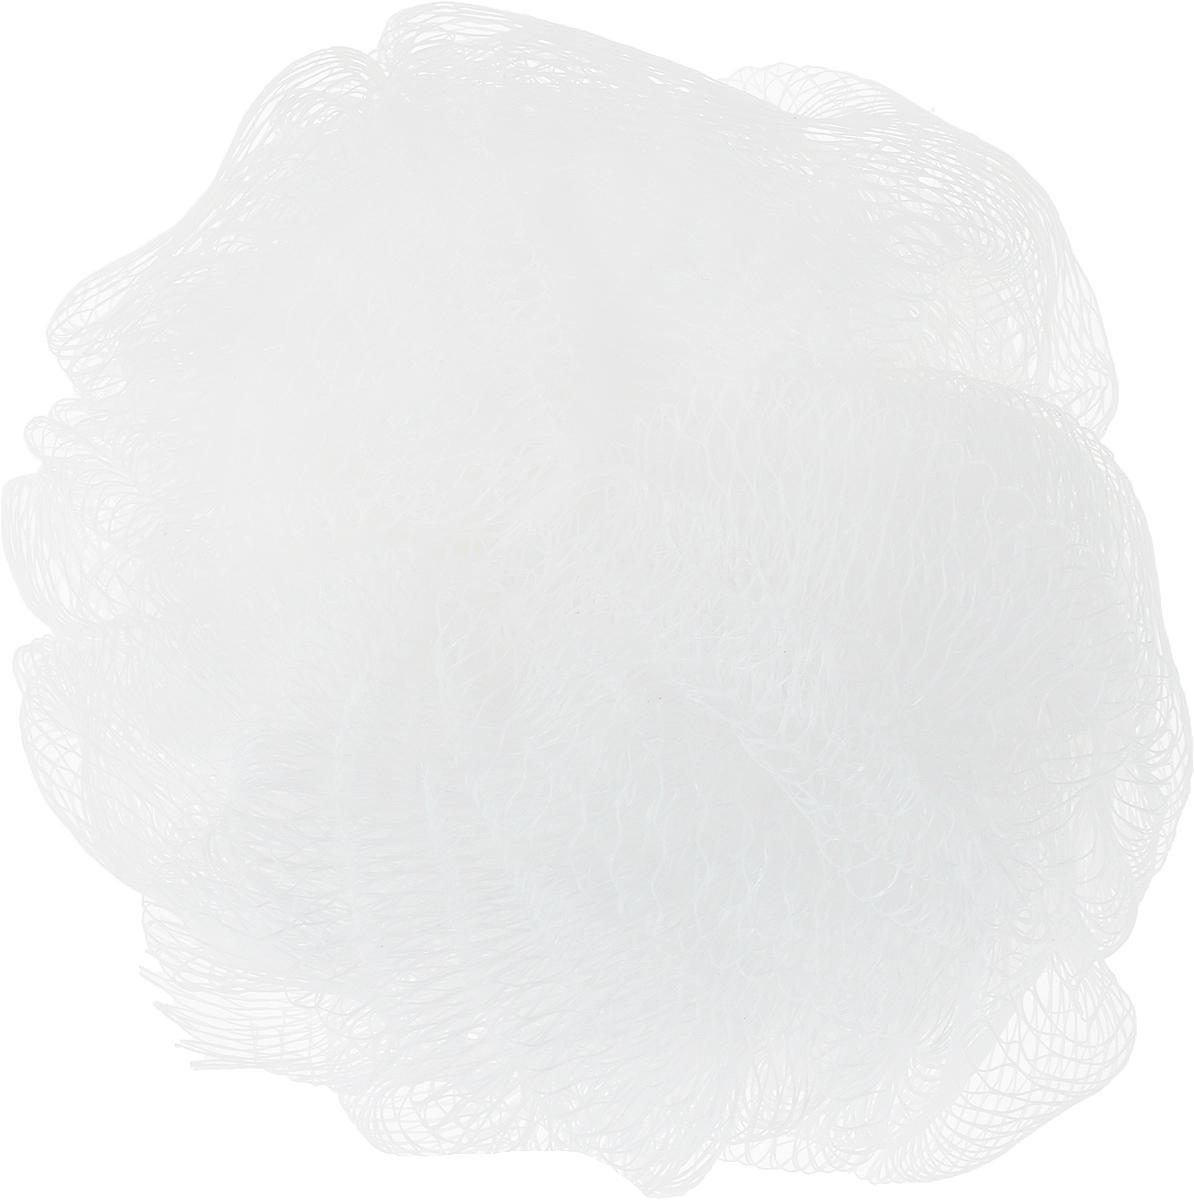 Мочалка-шар Paterra, цвет: белый, 14 см408-061_белыйМочалка-шар Paterra, выполненная из нейлона,подарит чистоту и блаженство вашей коже. Благодаря своей структуре мочалка-шар обеспечивает отличное пенообразование, тем самым экономя средства для душа.